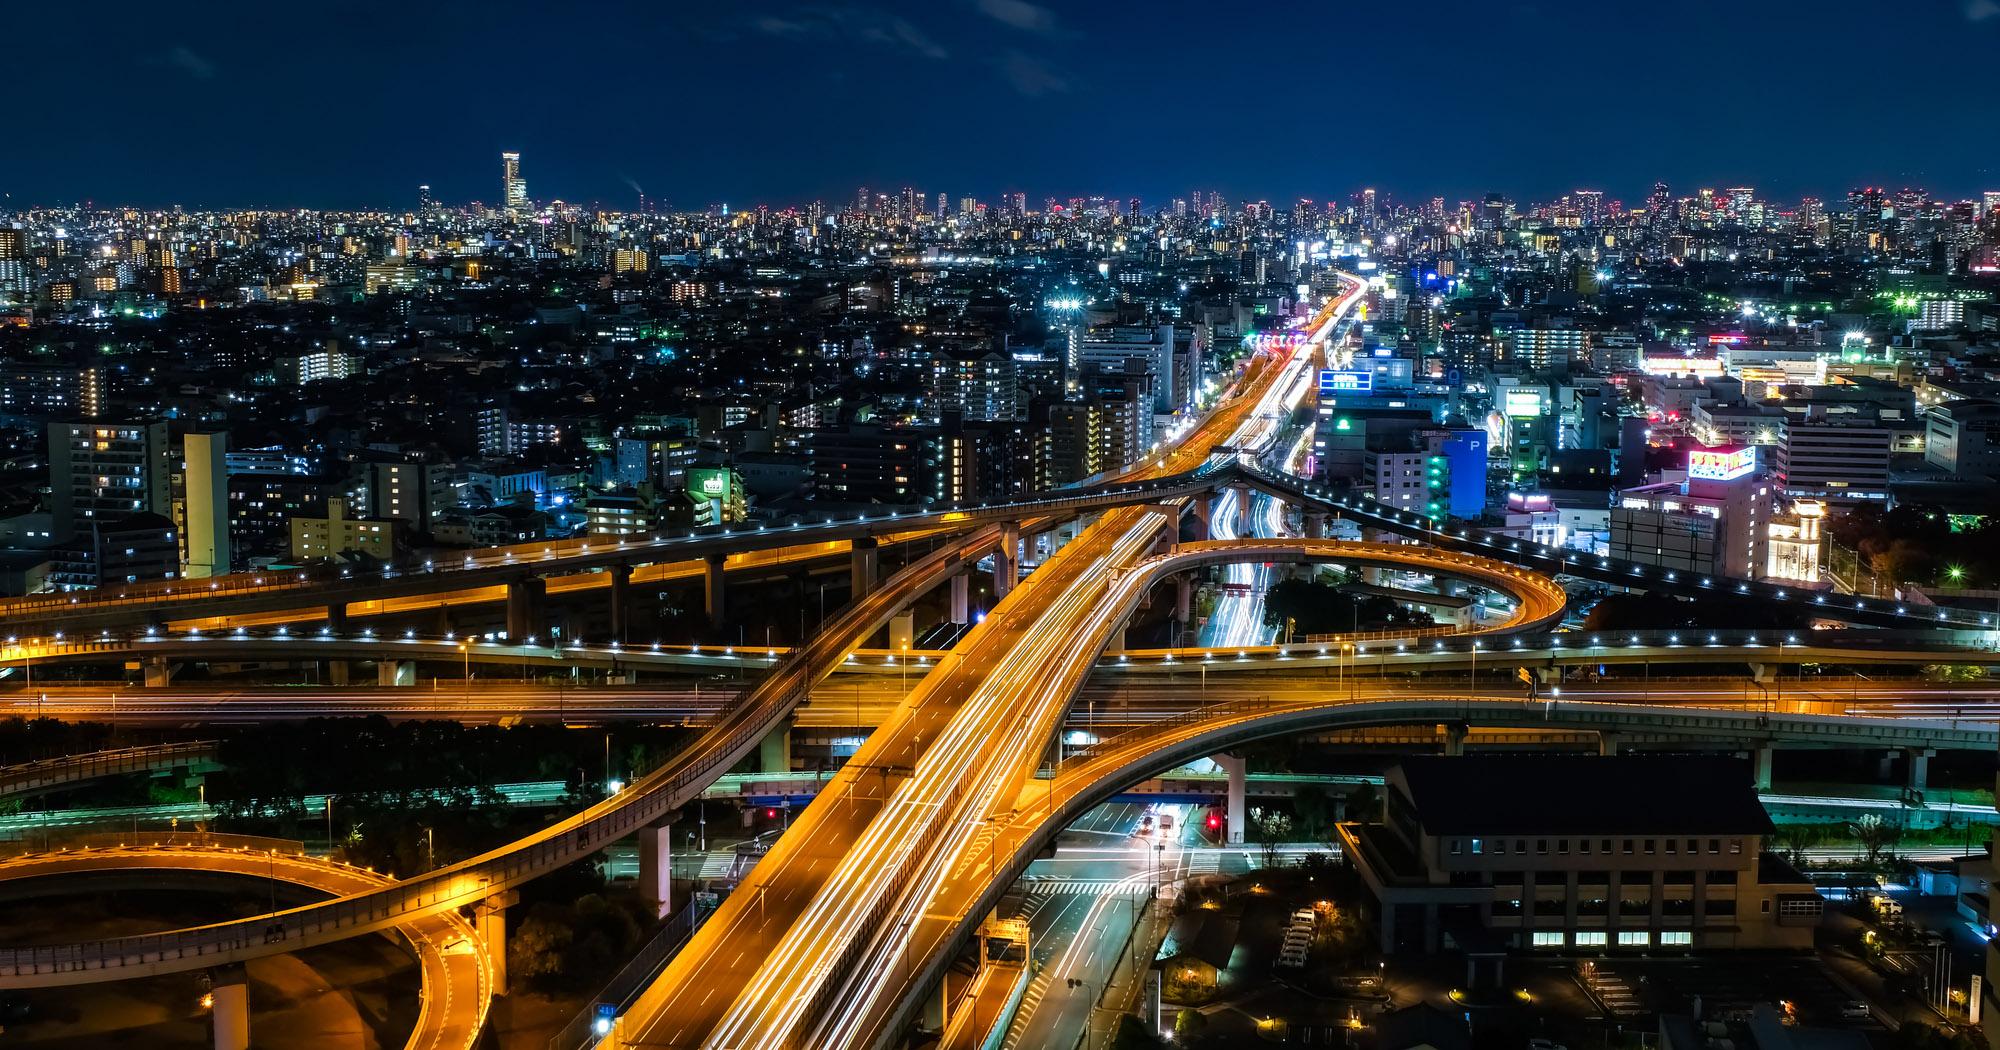 東大阪市はラグビーとモノづくりのまちで有名